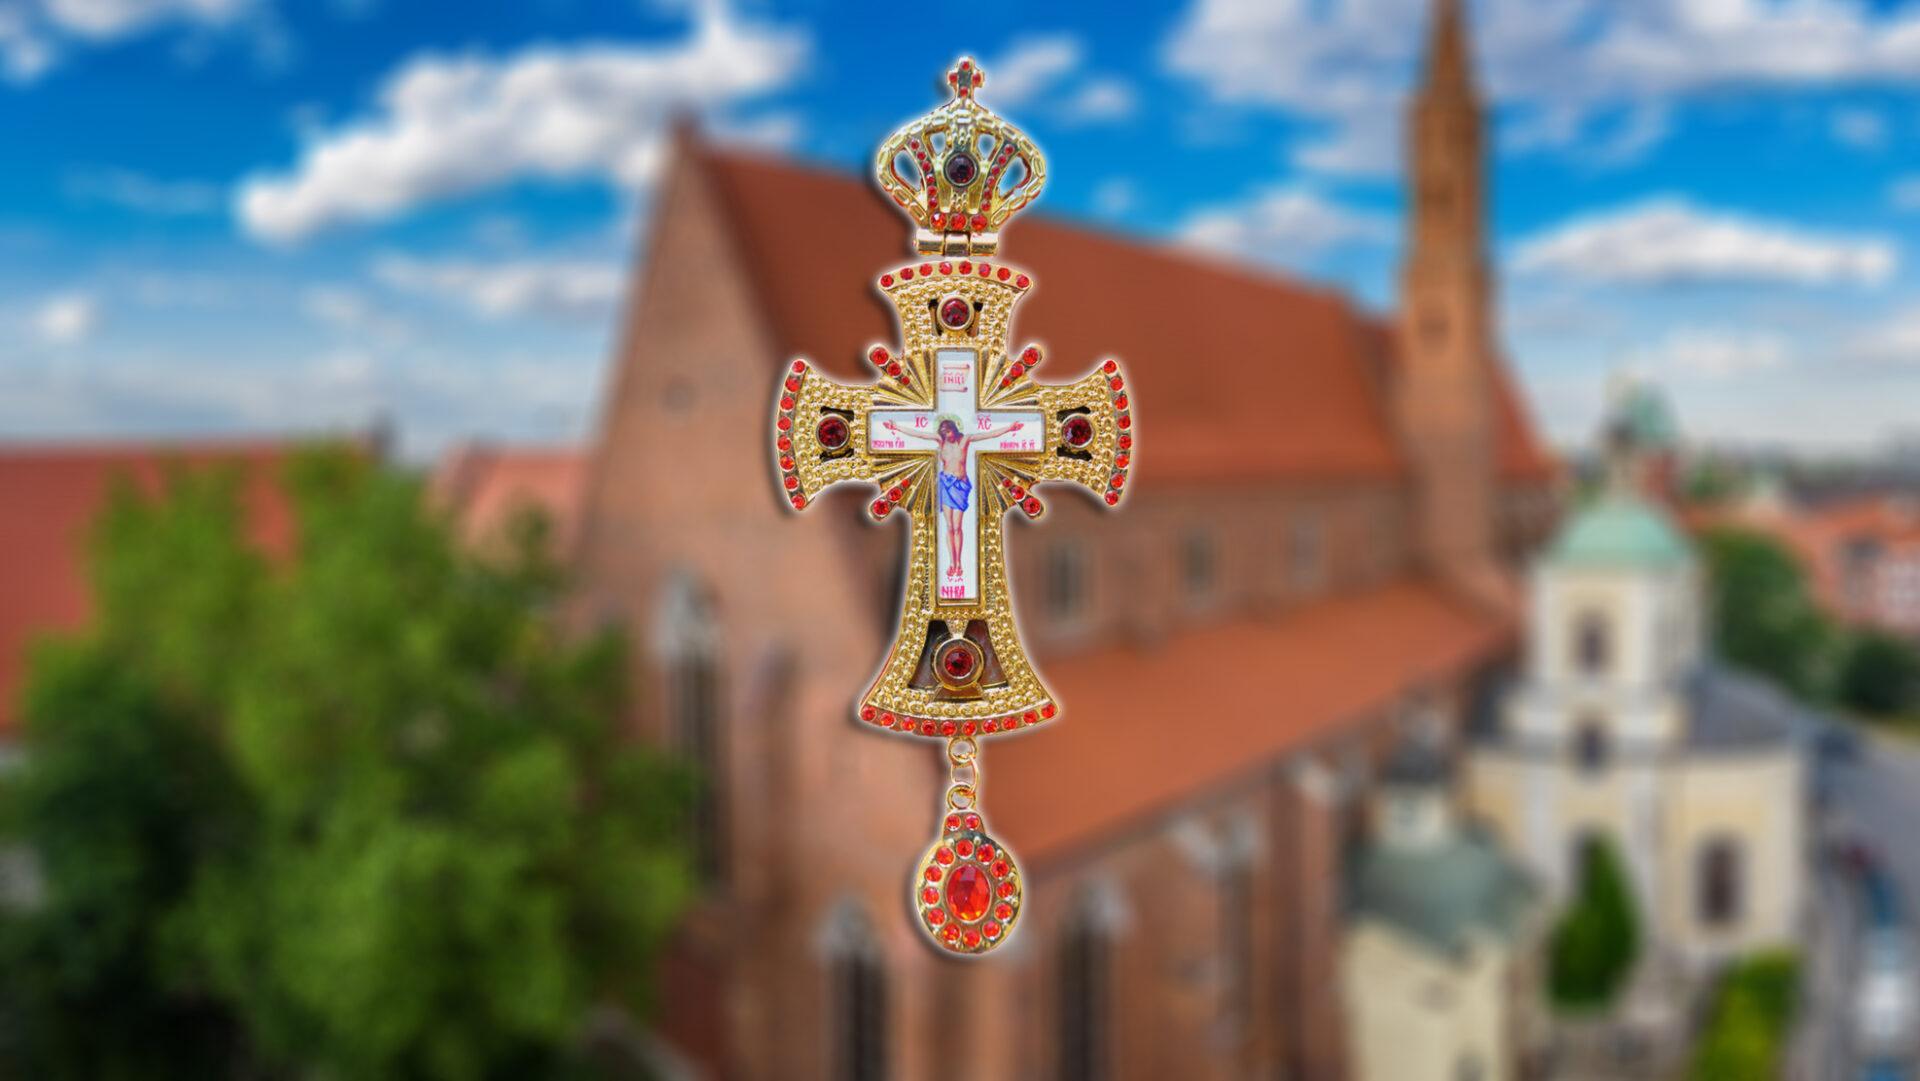 Священничі відзначення у ювілейному році 25-ліття Вроцлавсько-Ґданської єпархії